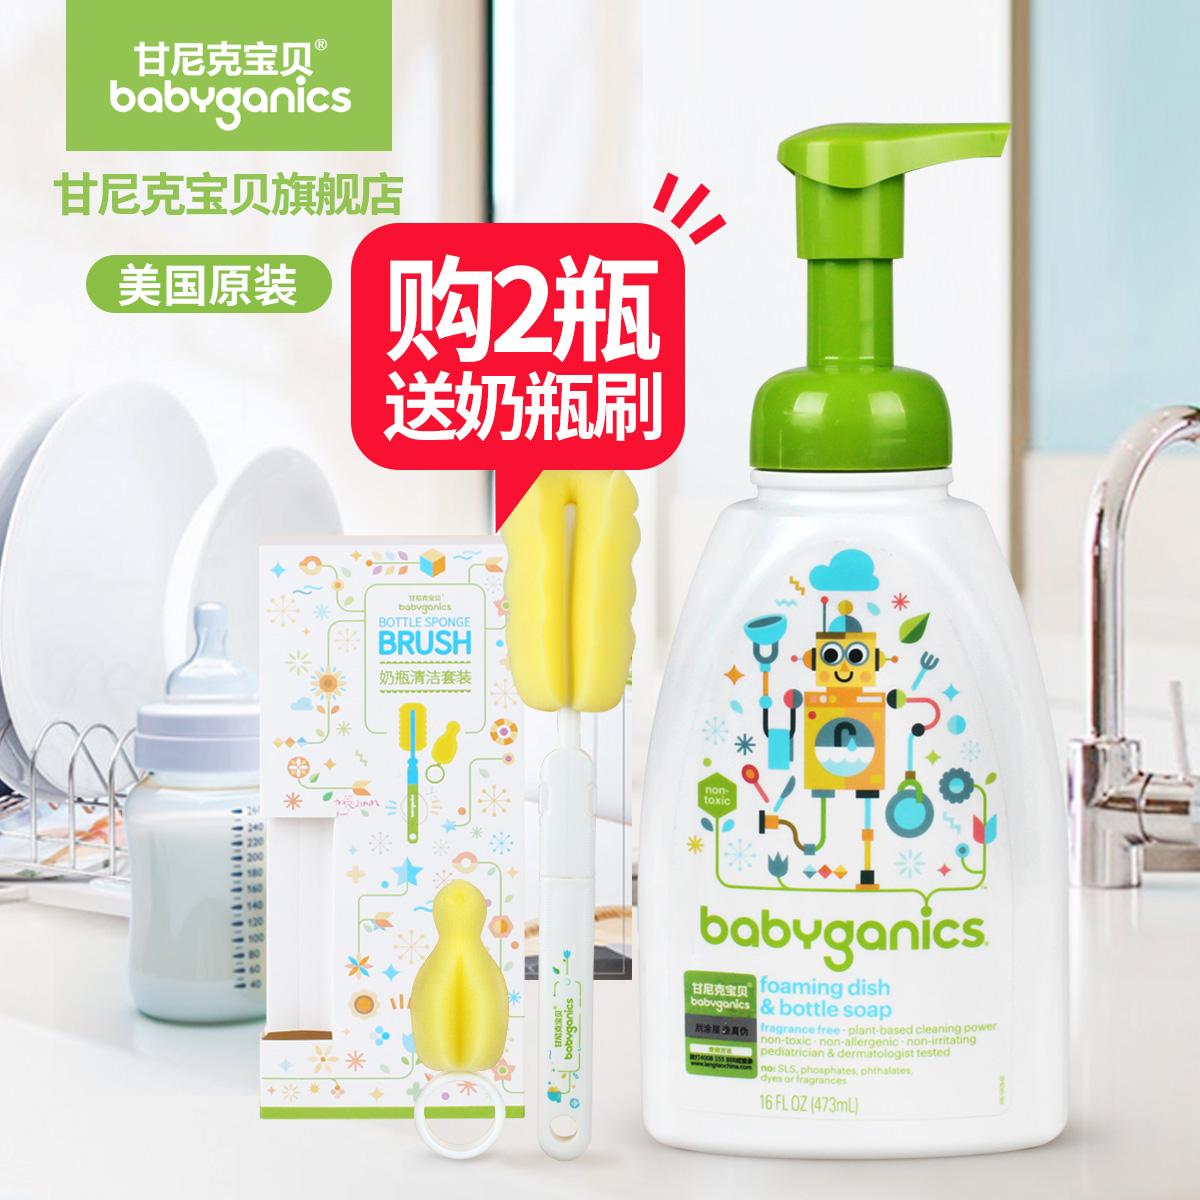 Gannick Baby BabyGanics Очиститель для бутылок Очиститель для фруктов и овощей Жидкий очиститель Gannick USA